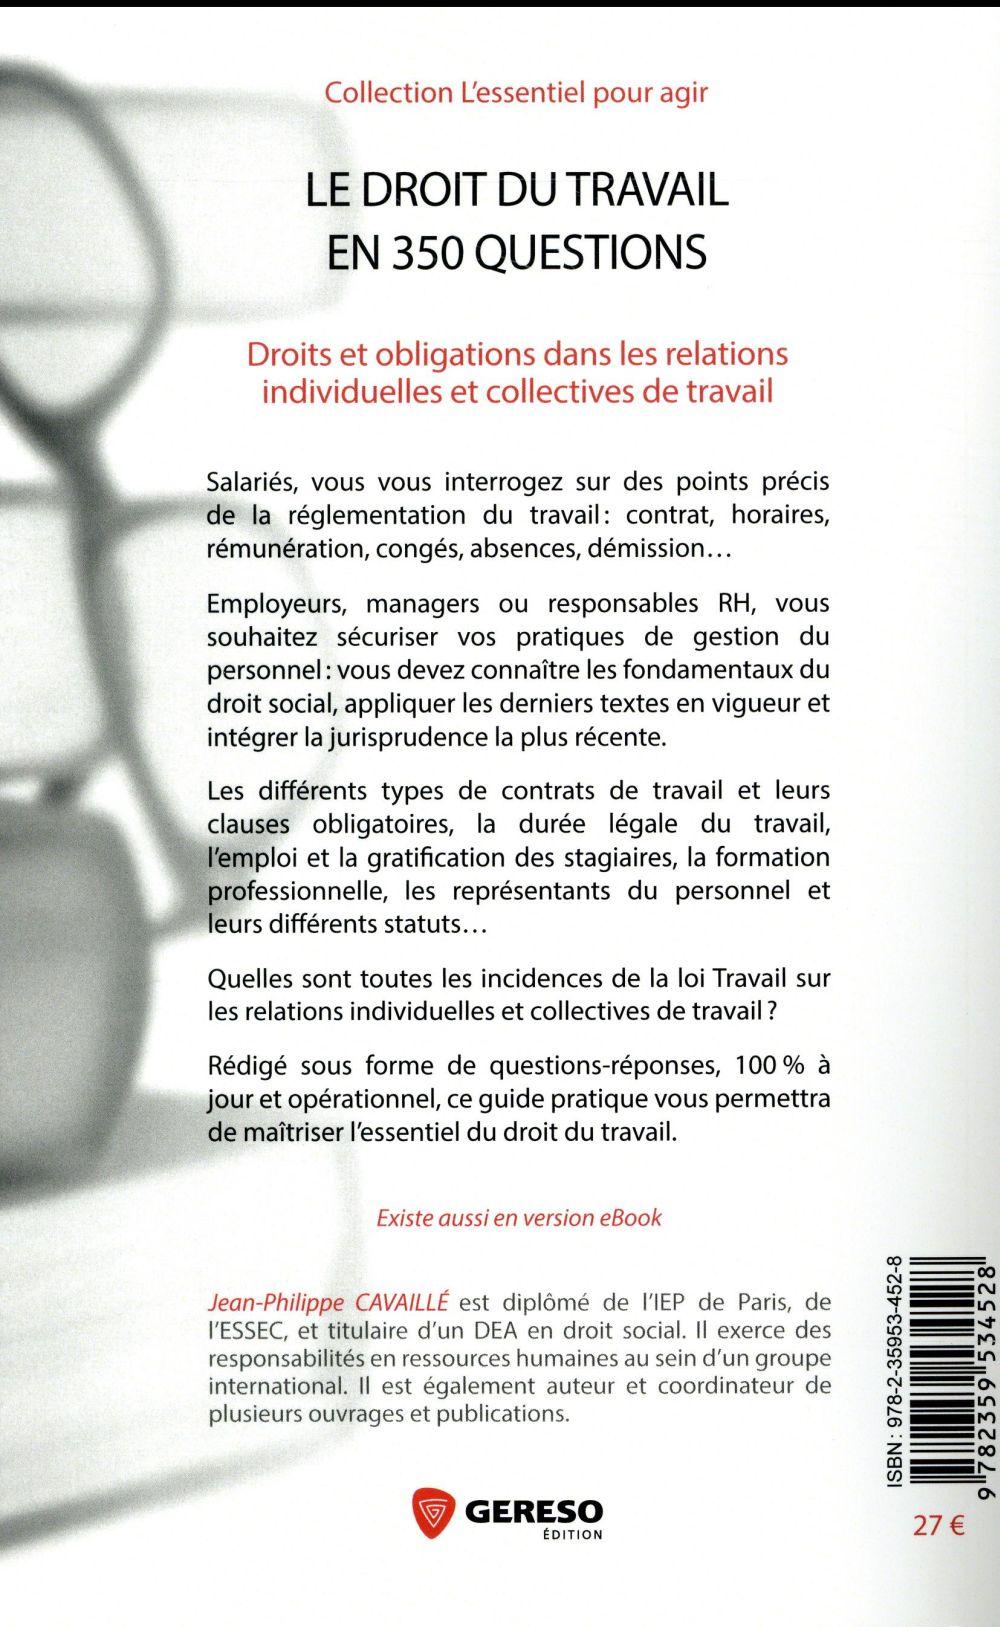 le droit du travail en 350 questions ; droits et obligations dans les relations individuelles et collectives de travail (6e édition)